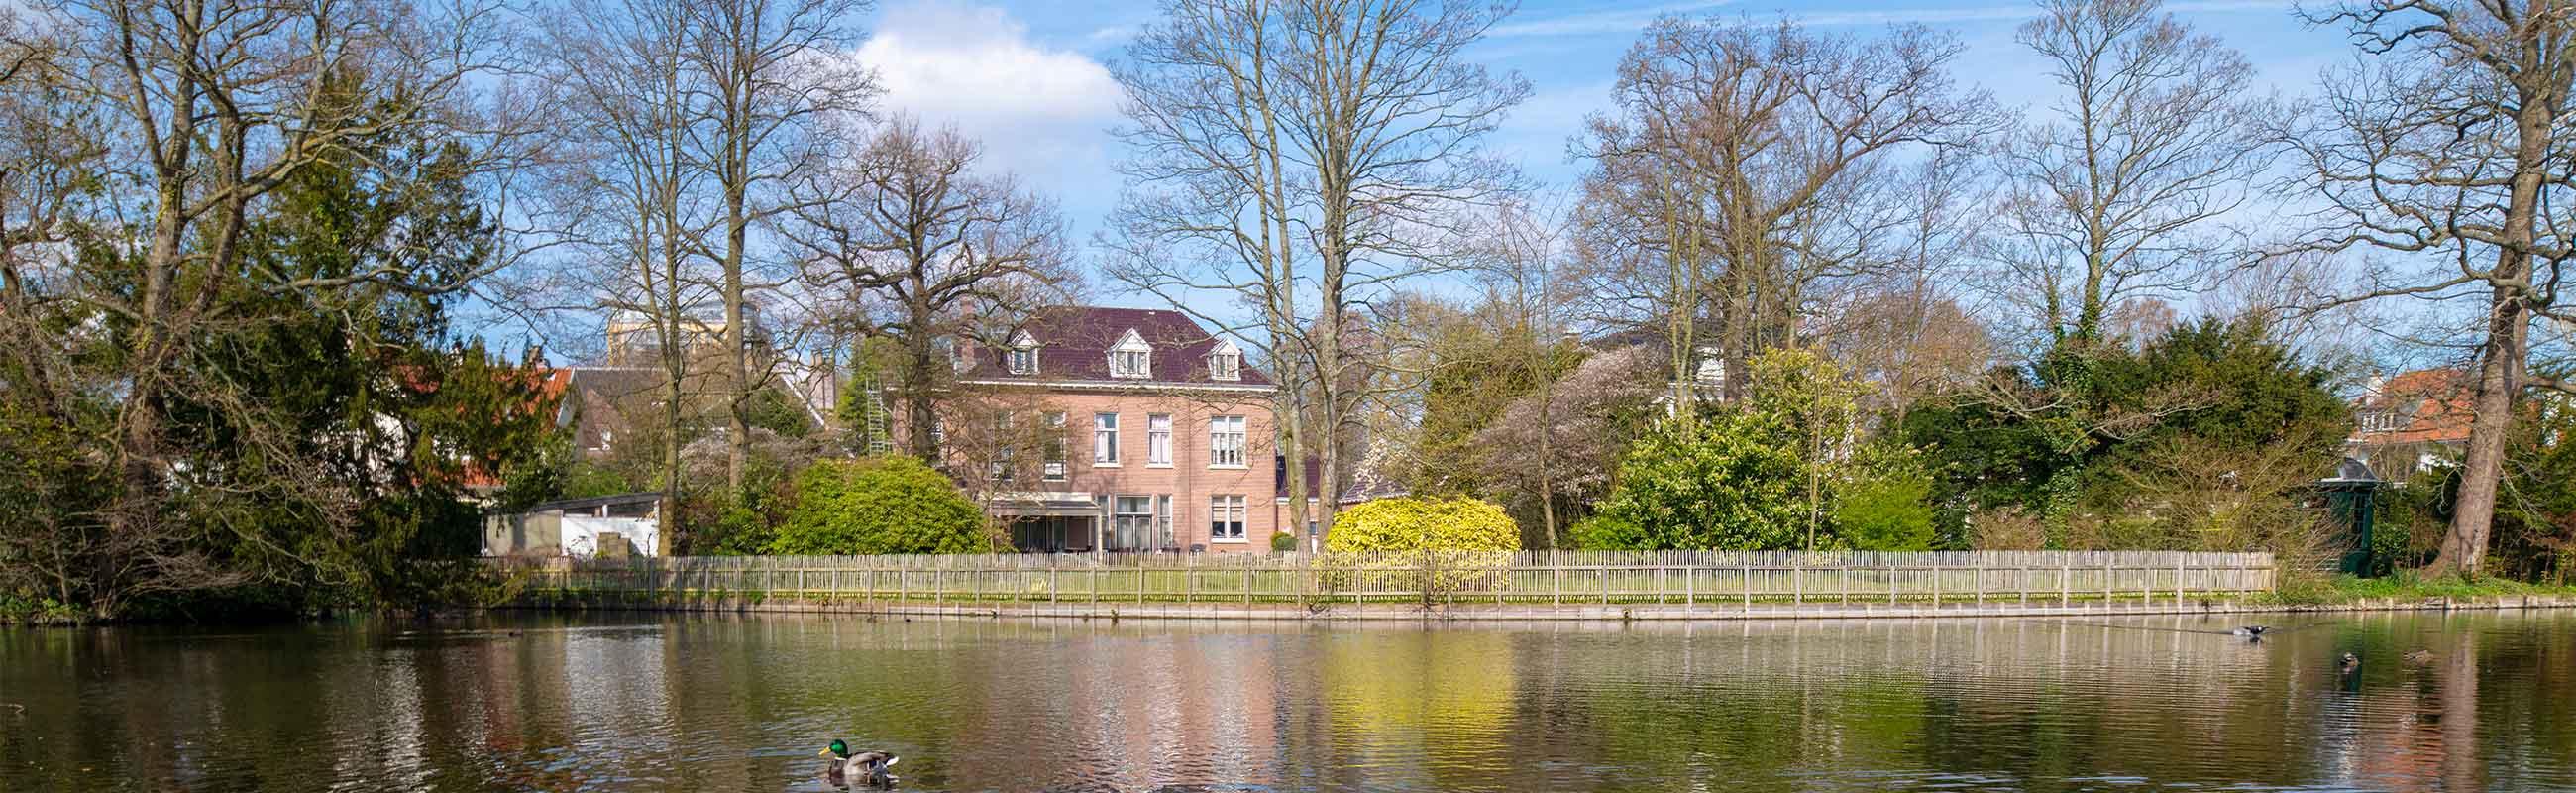 Wonen in het mooie Zuiderhout in Haarlem. De mooie buurt is gelegen in het Haarlemmerhoutkwartier.